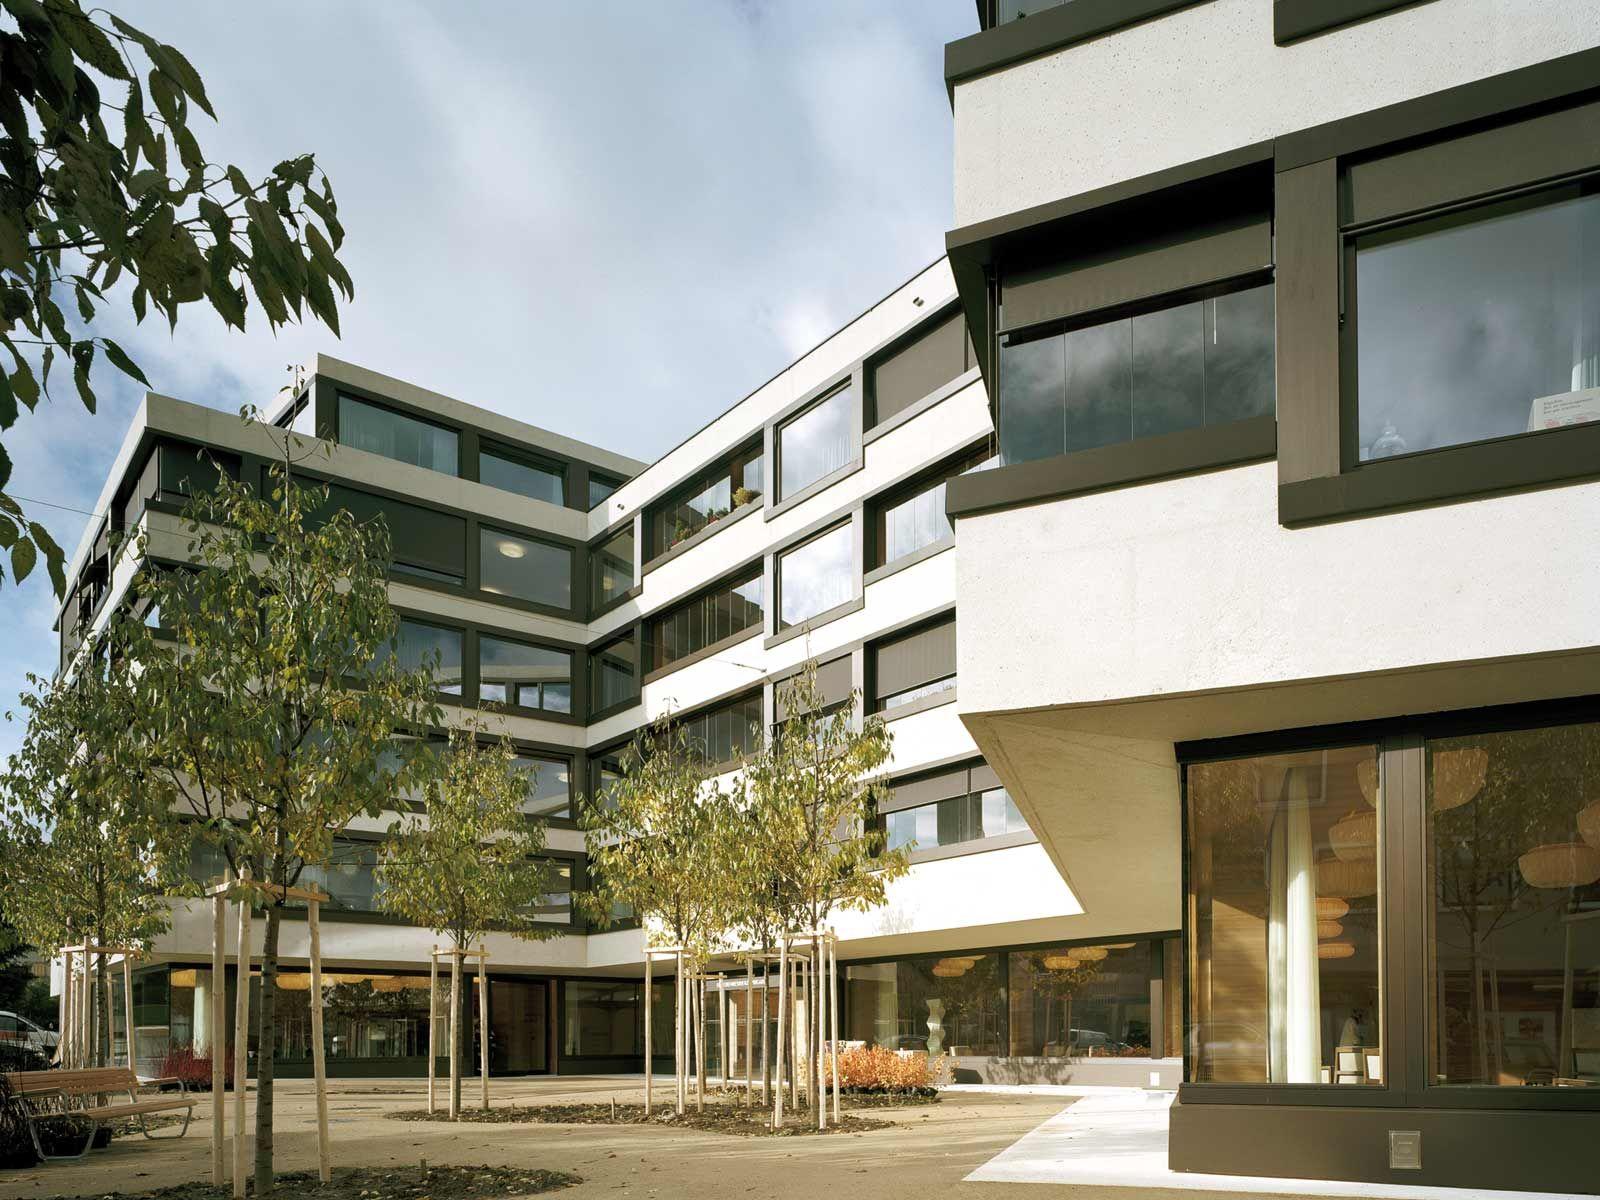 Suche Architekten best architects architektur award miller maranta